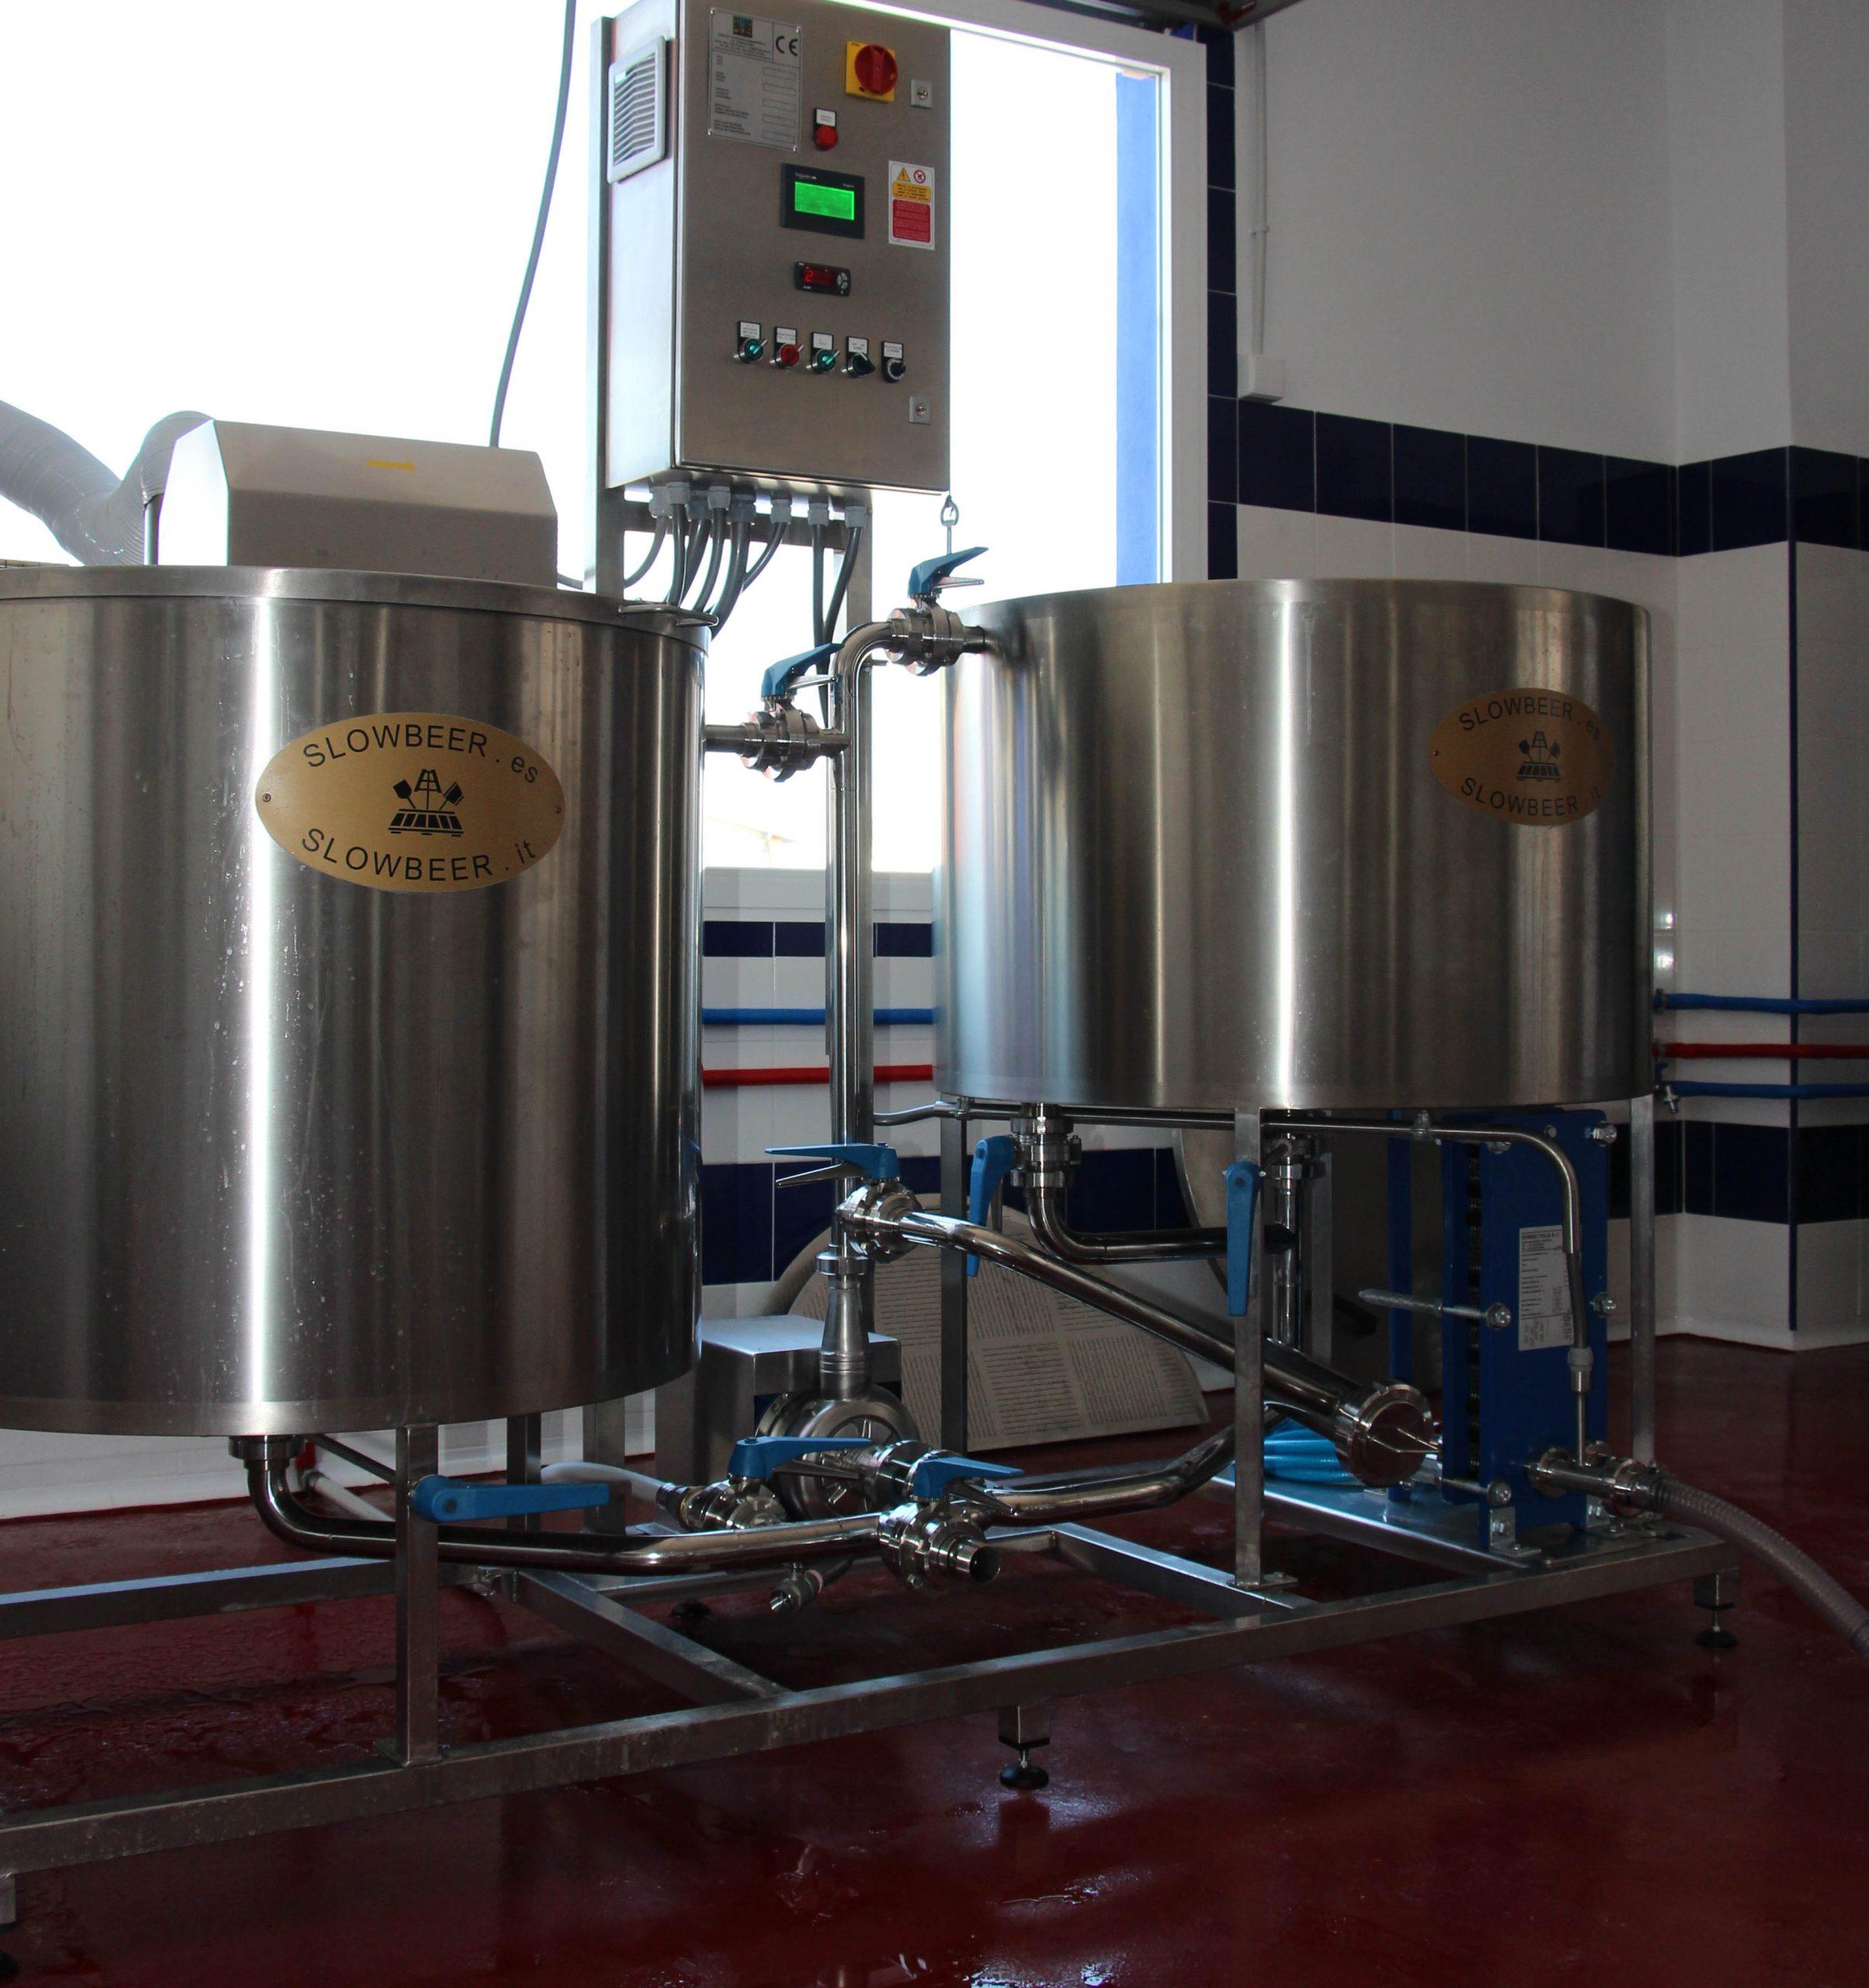 Nuevas Salas de Cocción Slow Beer 250, 500,1000, 2000 litros